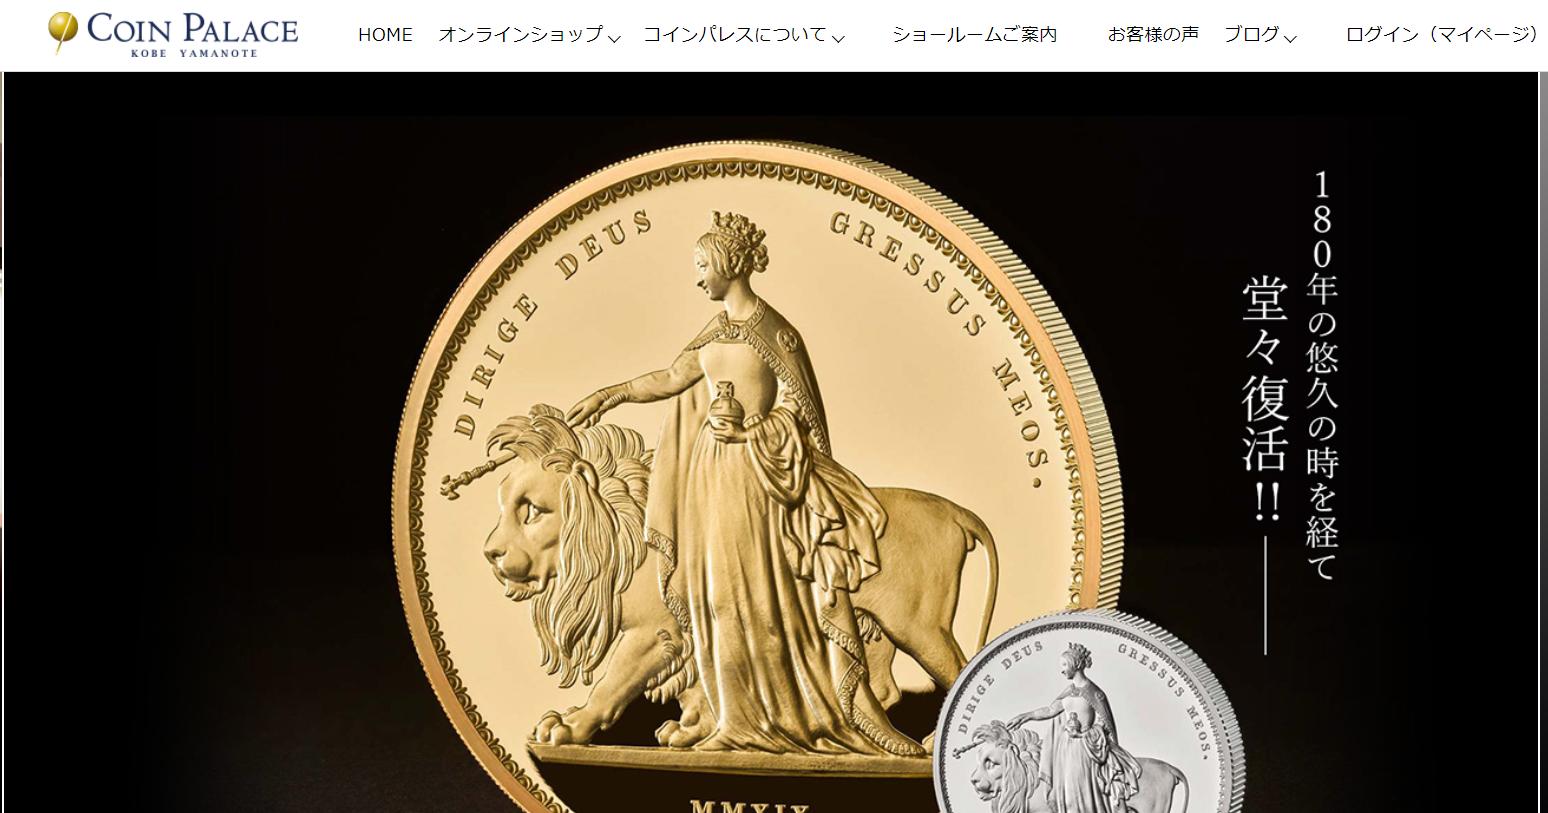 アンティークコイン偽物_コインパレス